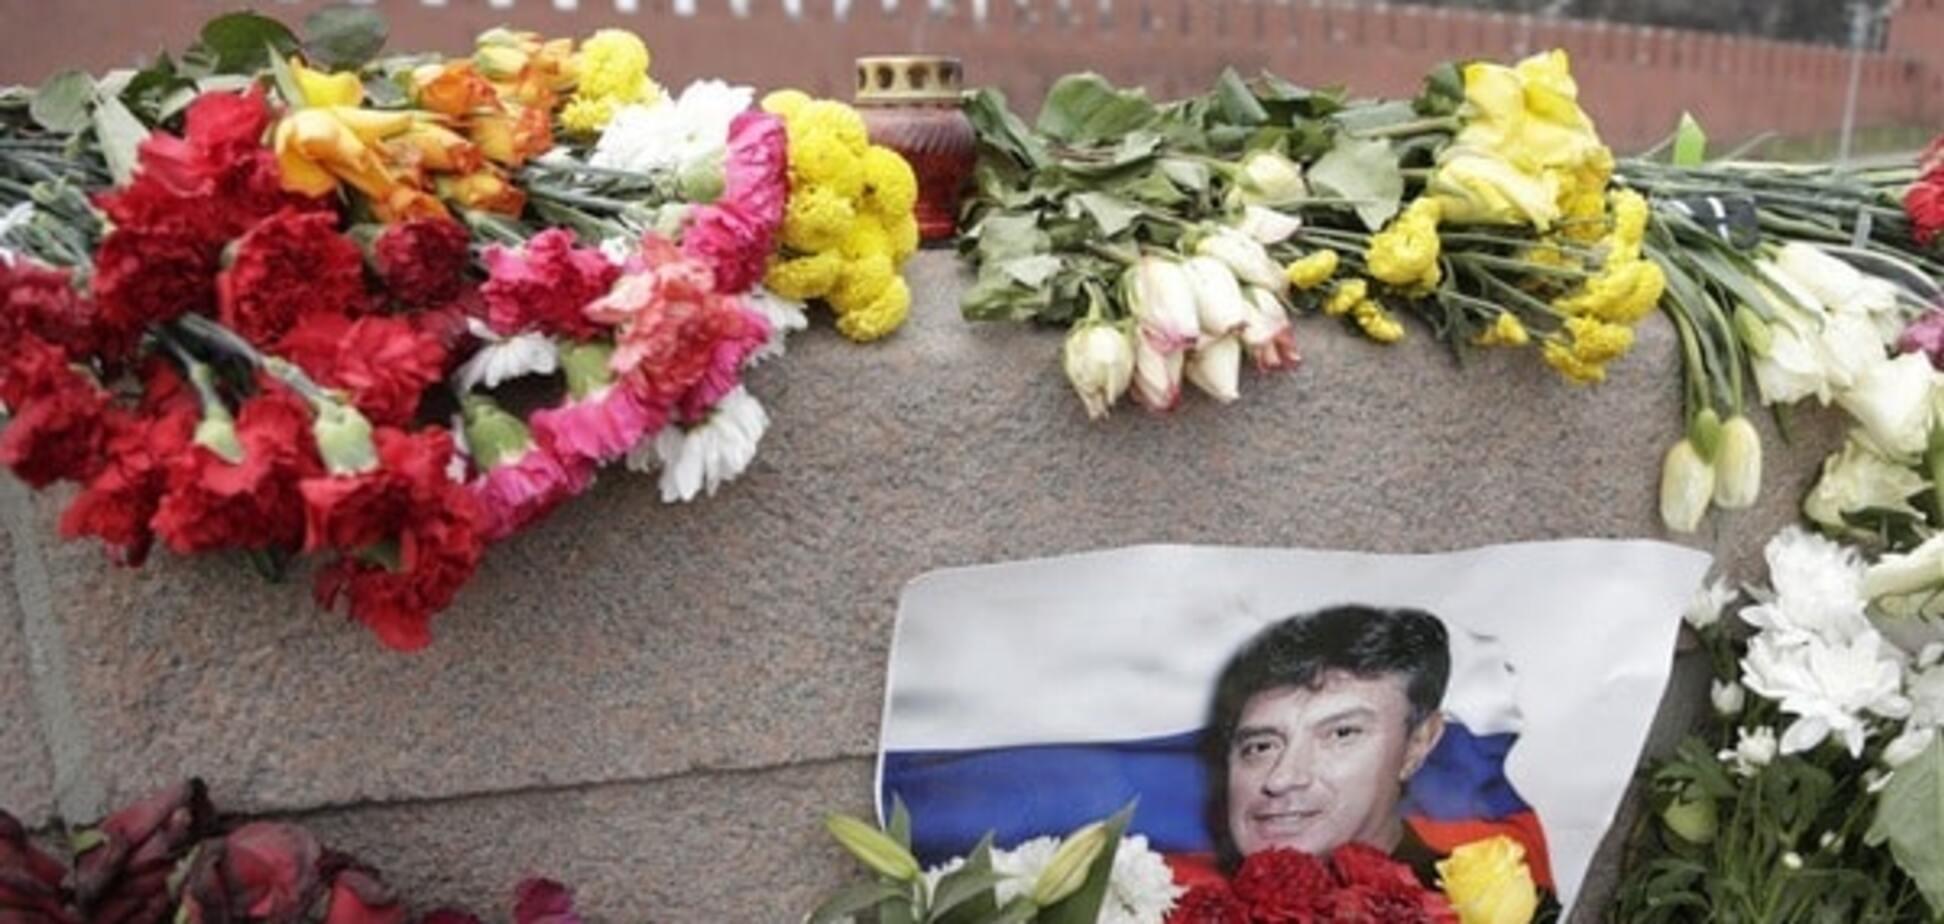 Портников связал убийство Немцова с его позицией по Крыму и Донбассу